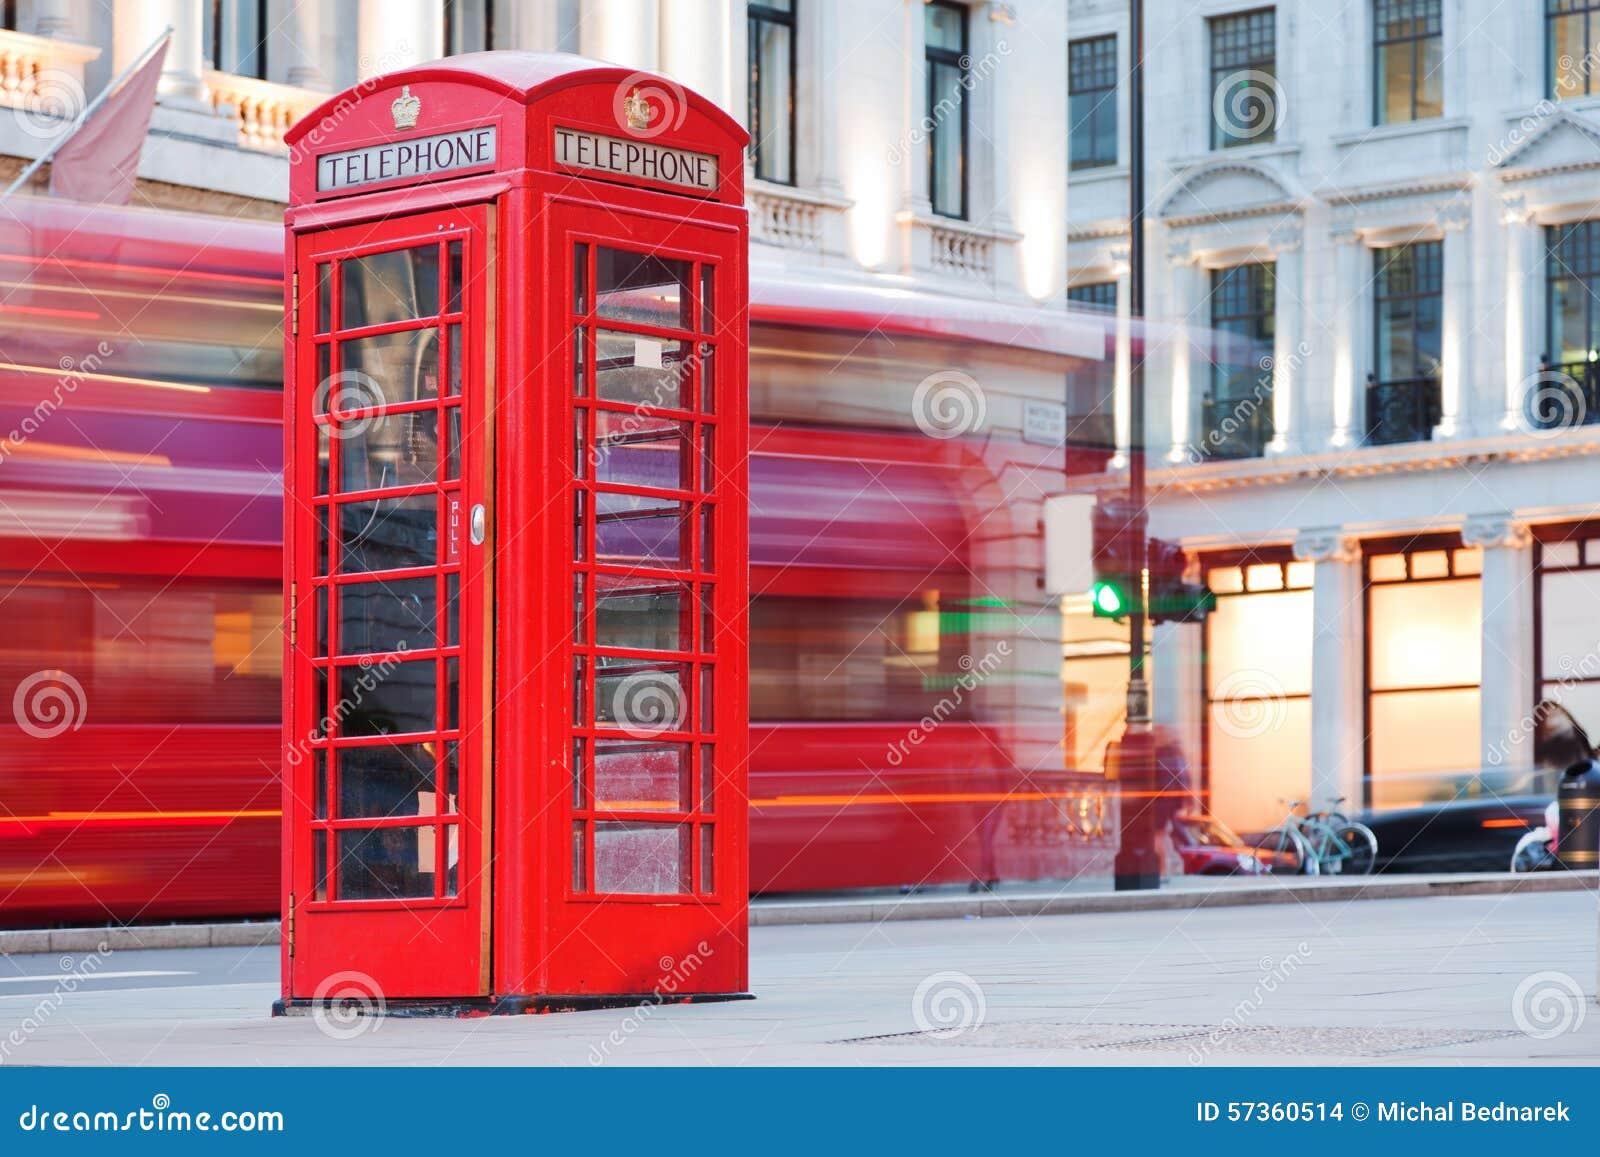 Cabina Telefonica Londra 94 : Londra regno unito cabina telefonica rossa e bus rosso